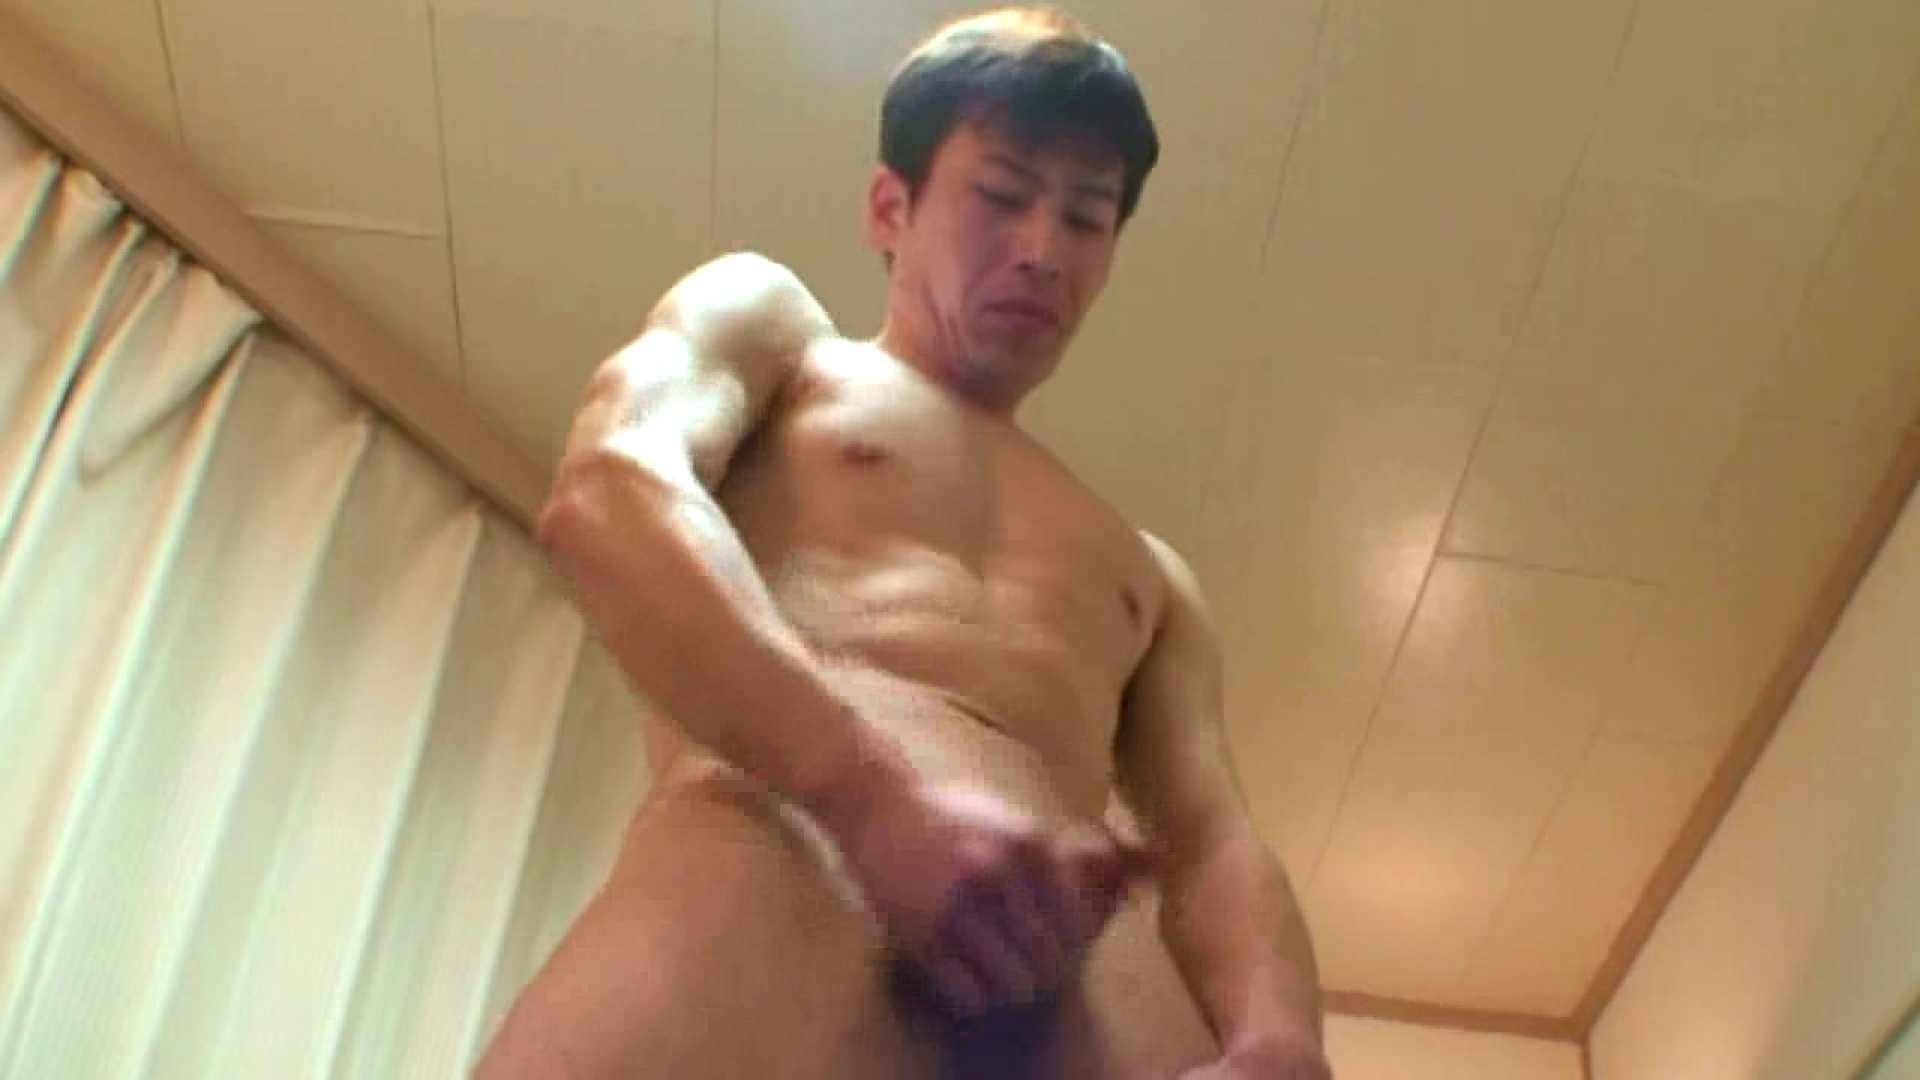 ノンケ!自慰スタジオ No.19 自慰  65画像 8